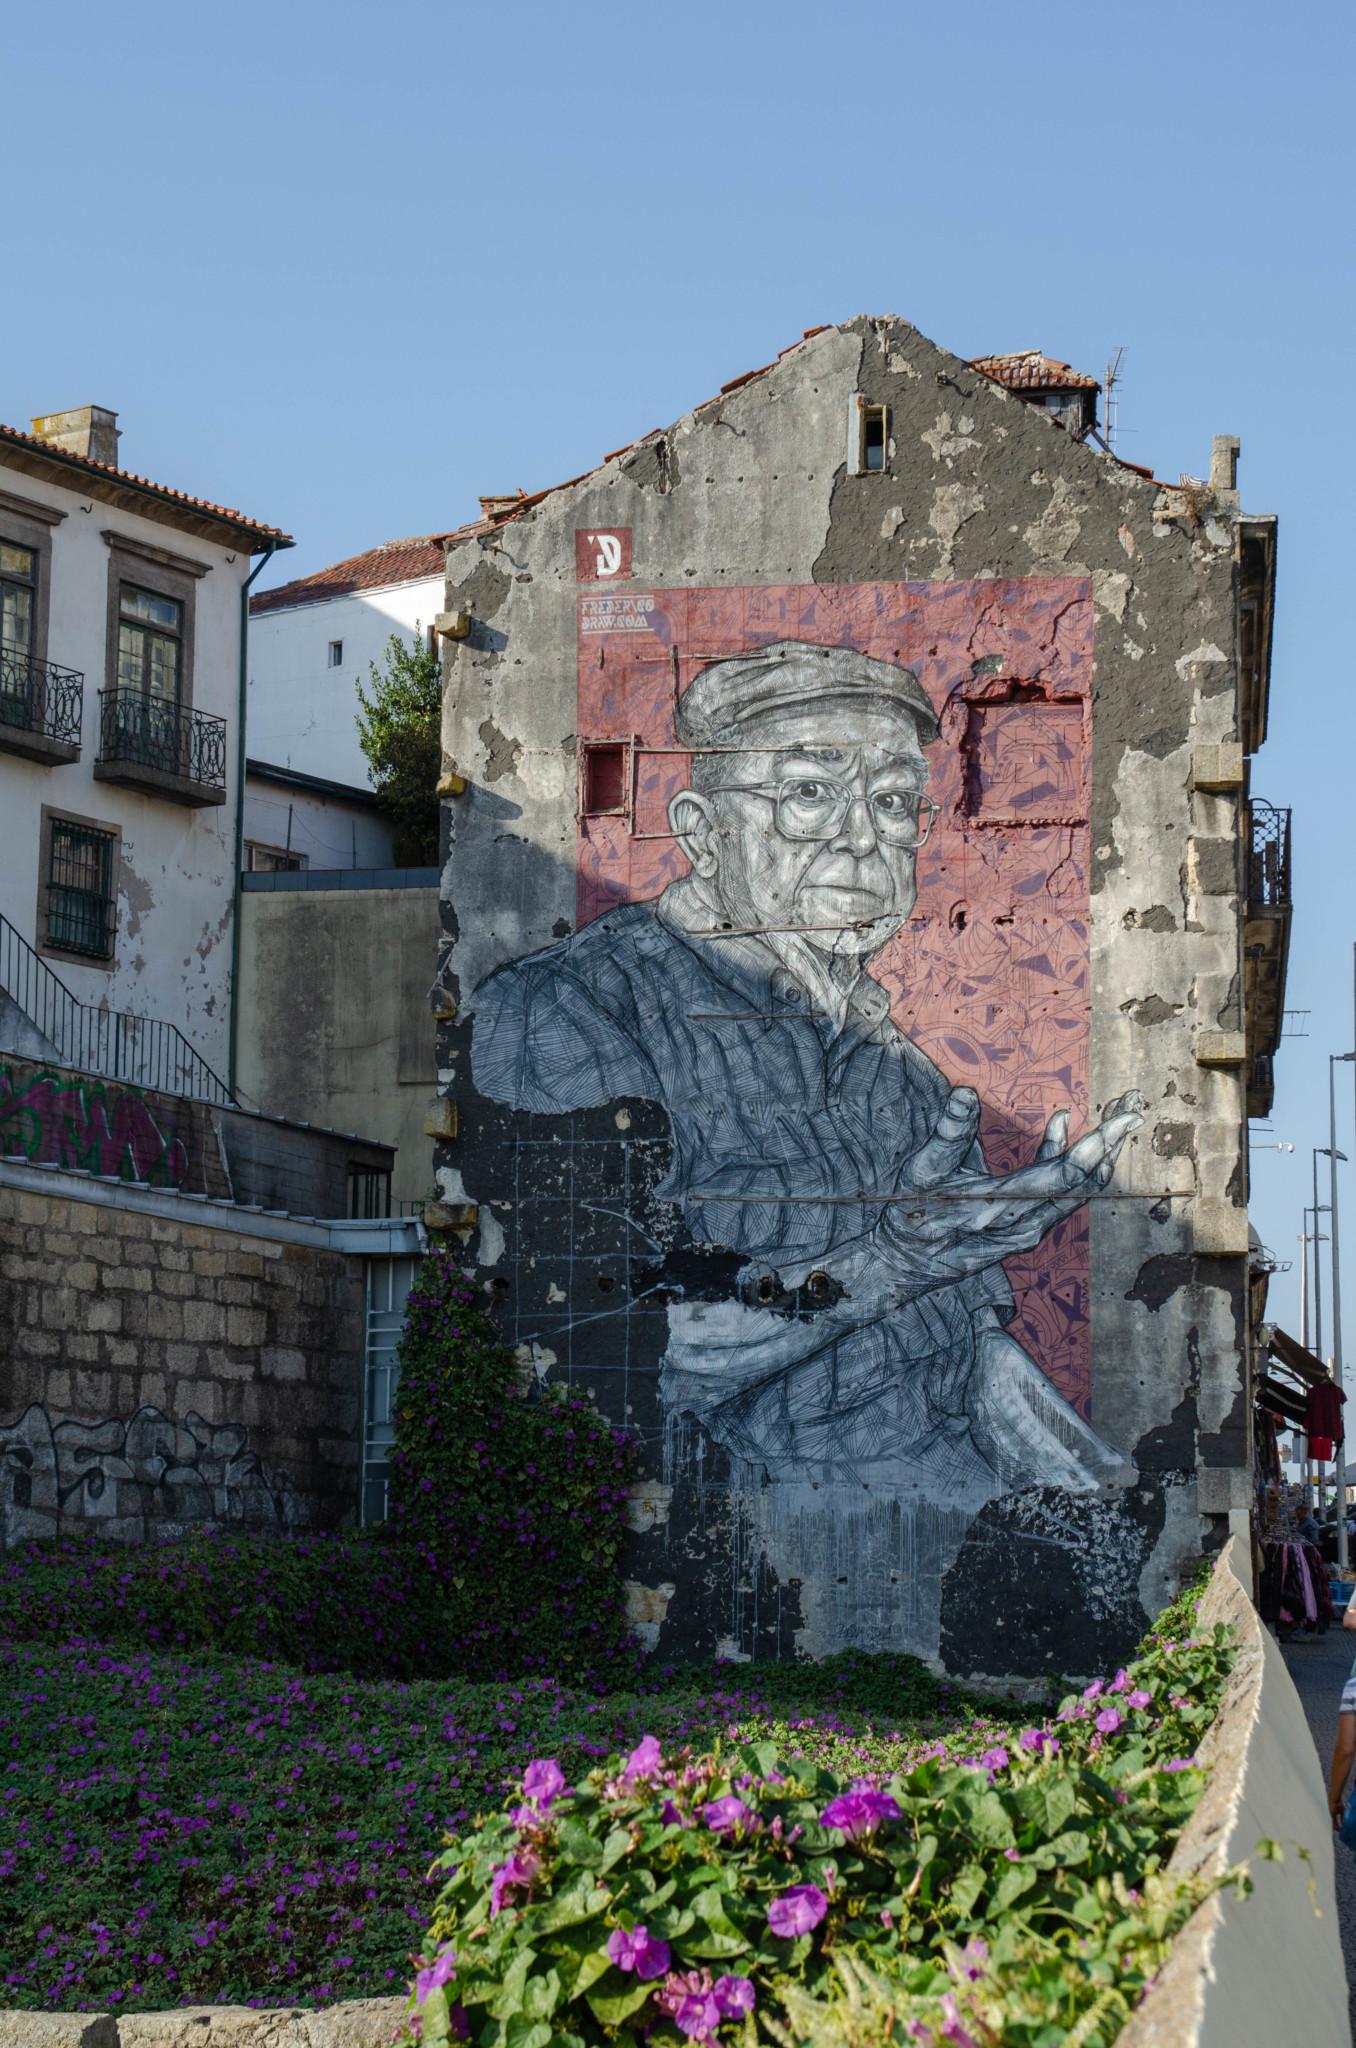 Streetart in Porto in Portugal